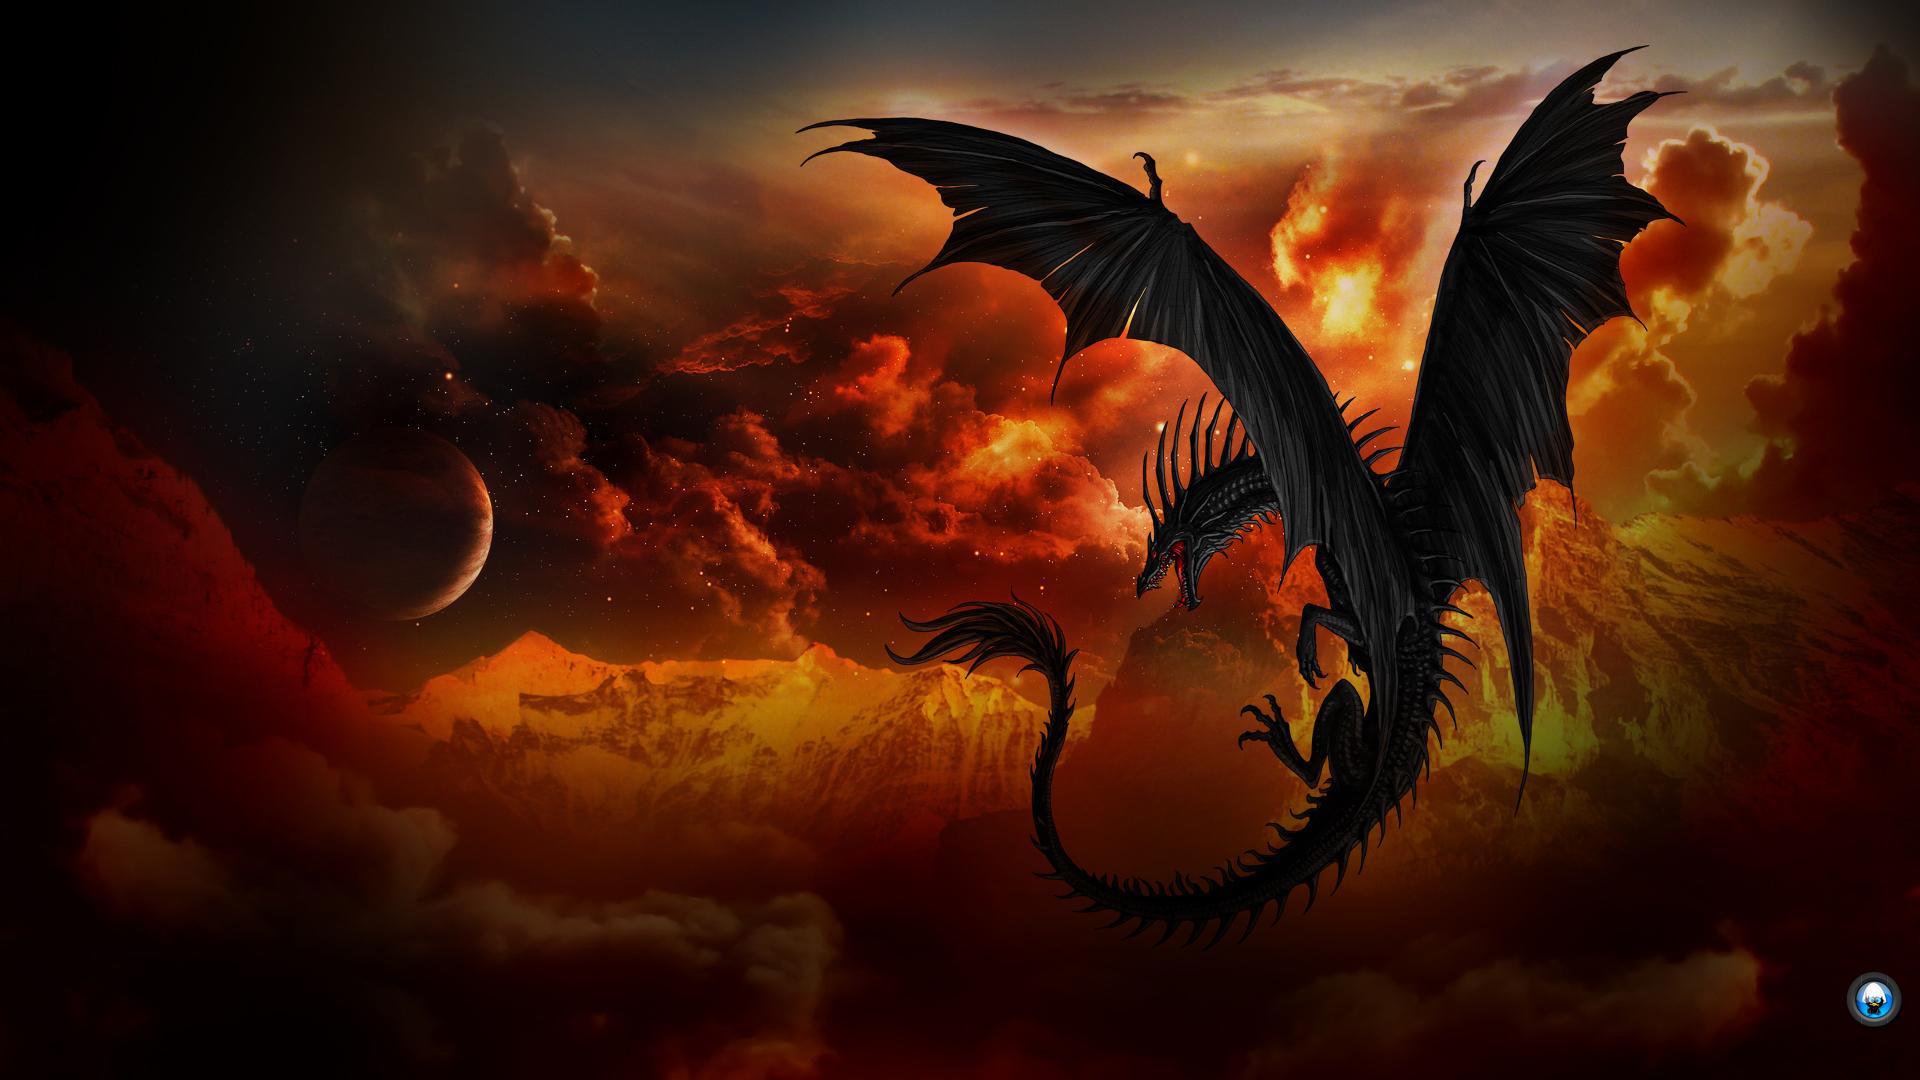 Black-Dragon- Wallpaper